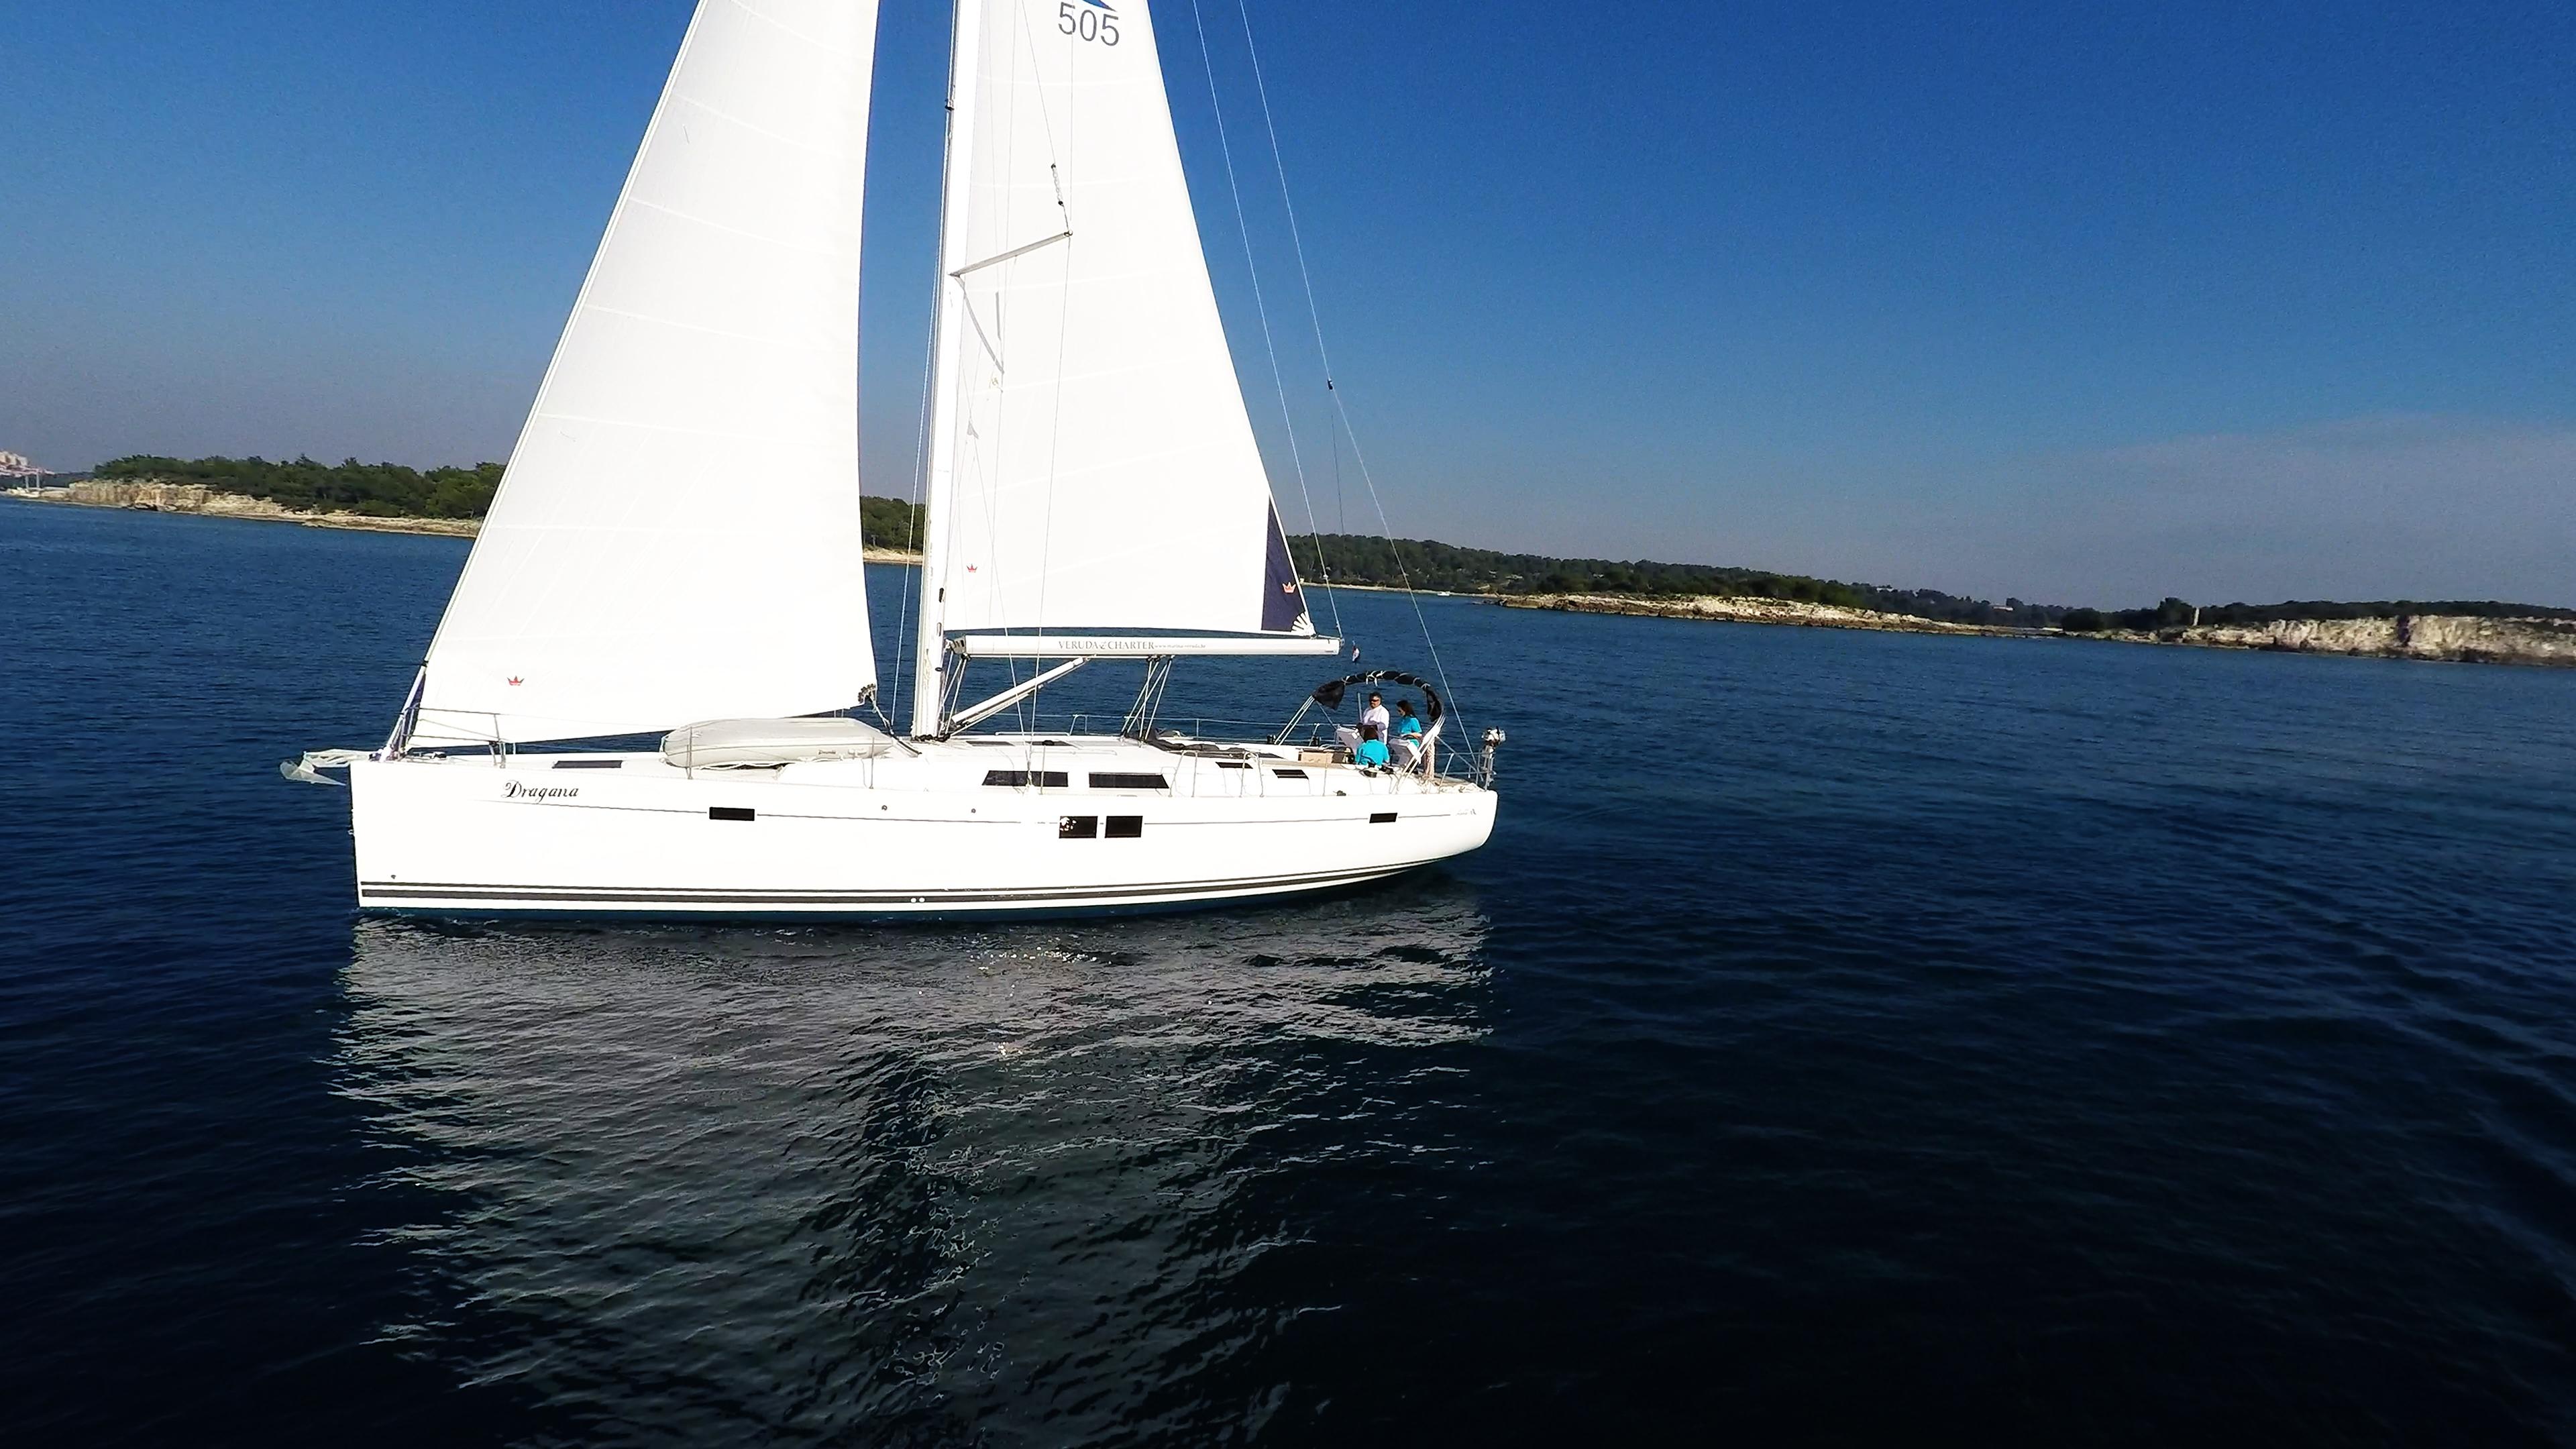 barcha a vela Hanse 505 yacht a vela monoscafo